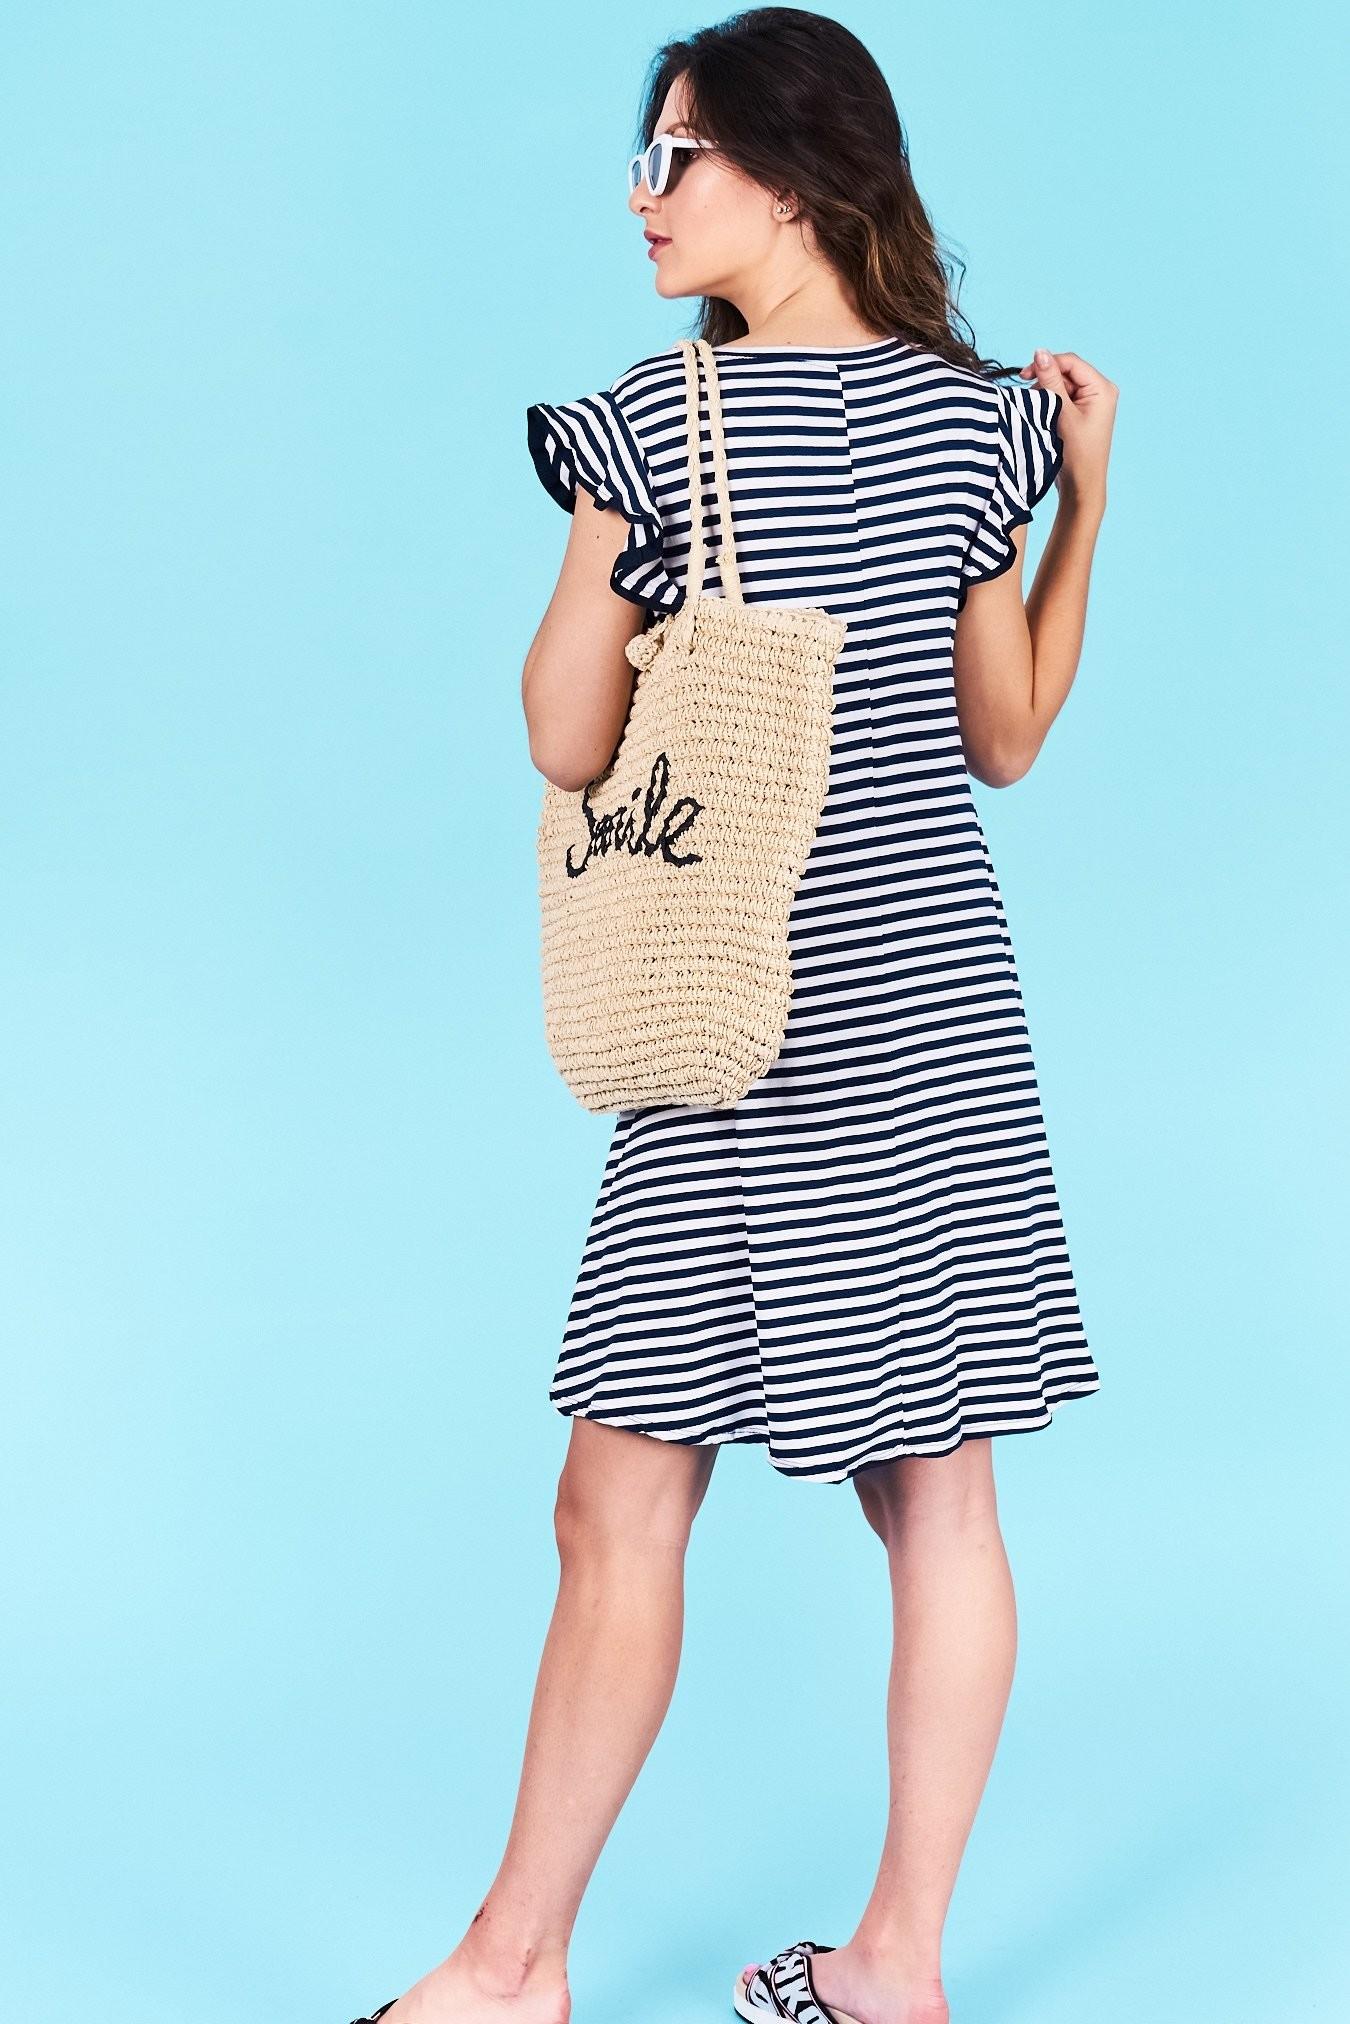 db1b5dad81bb Dámske pruhované šaty tmavo modré Jasmine Veľkosť UNI-verzálna Vyrobené z príjemného  materiálu. Pohodlné